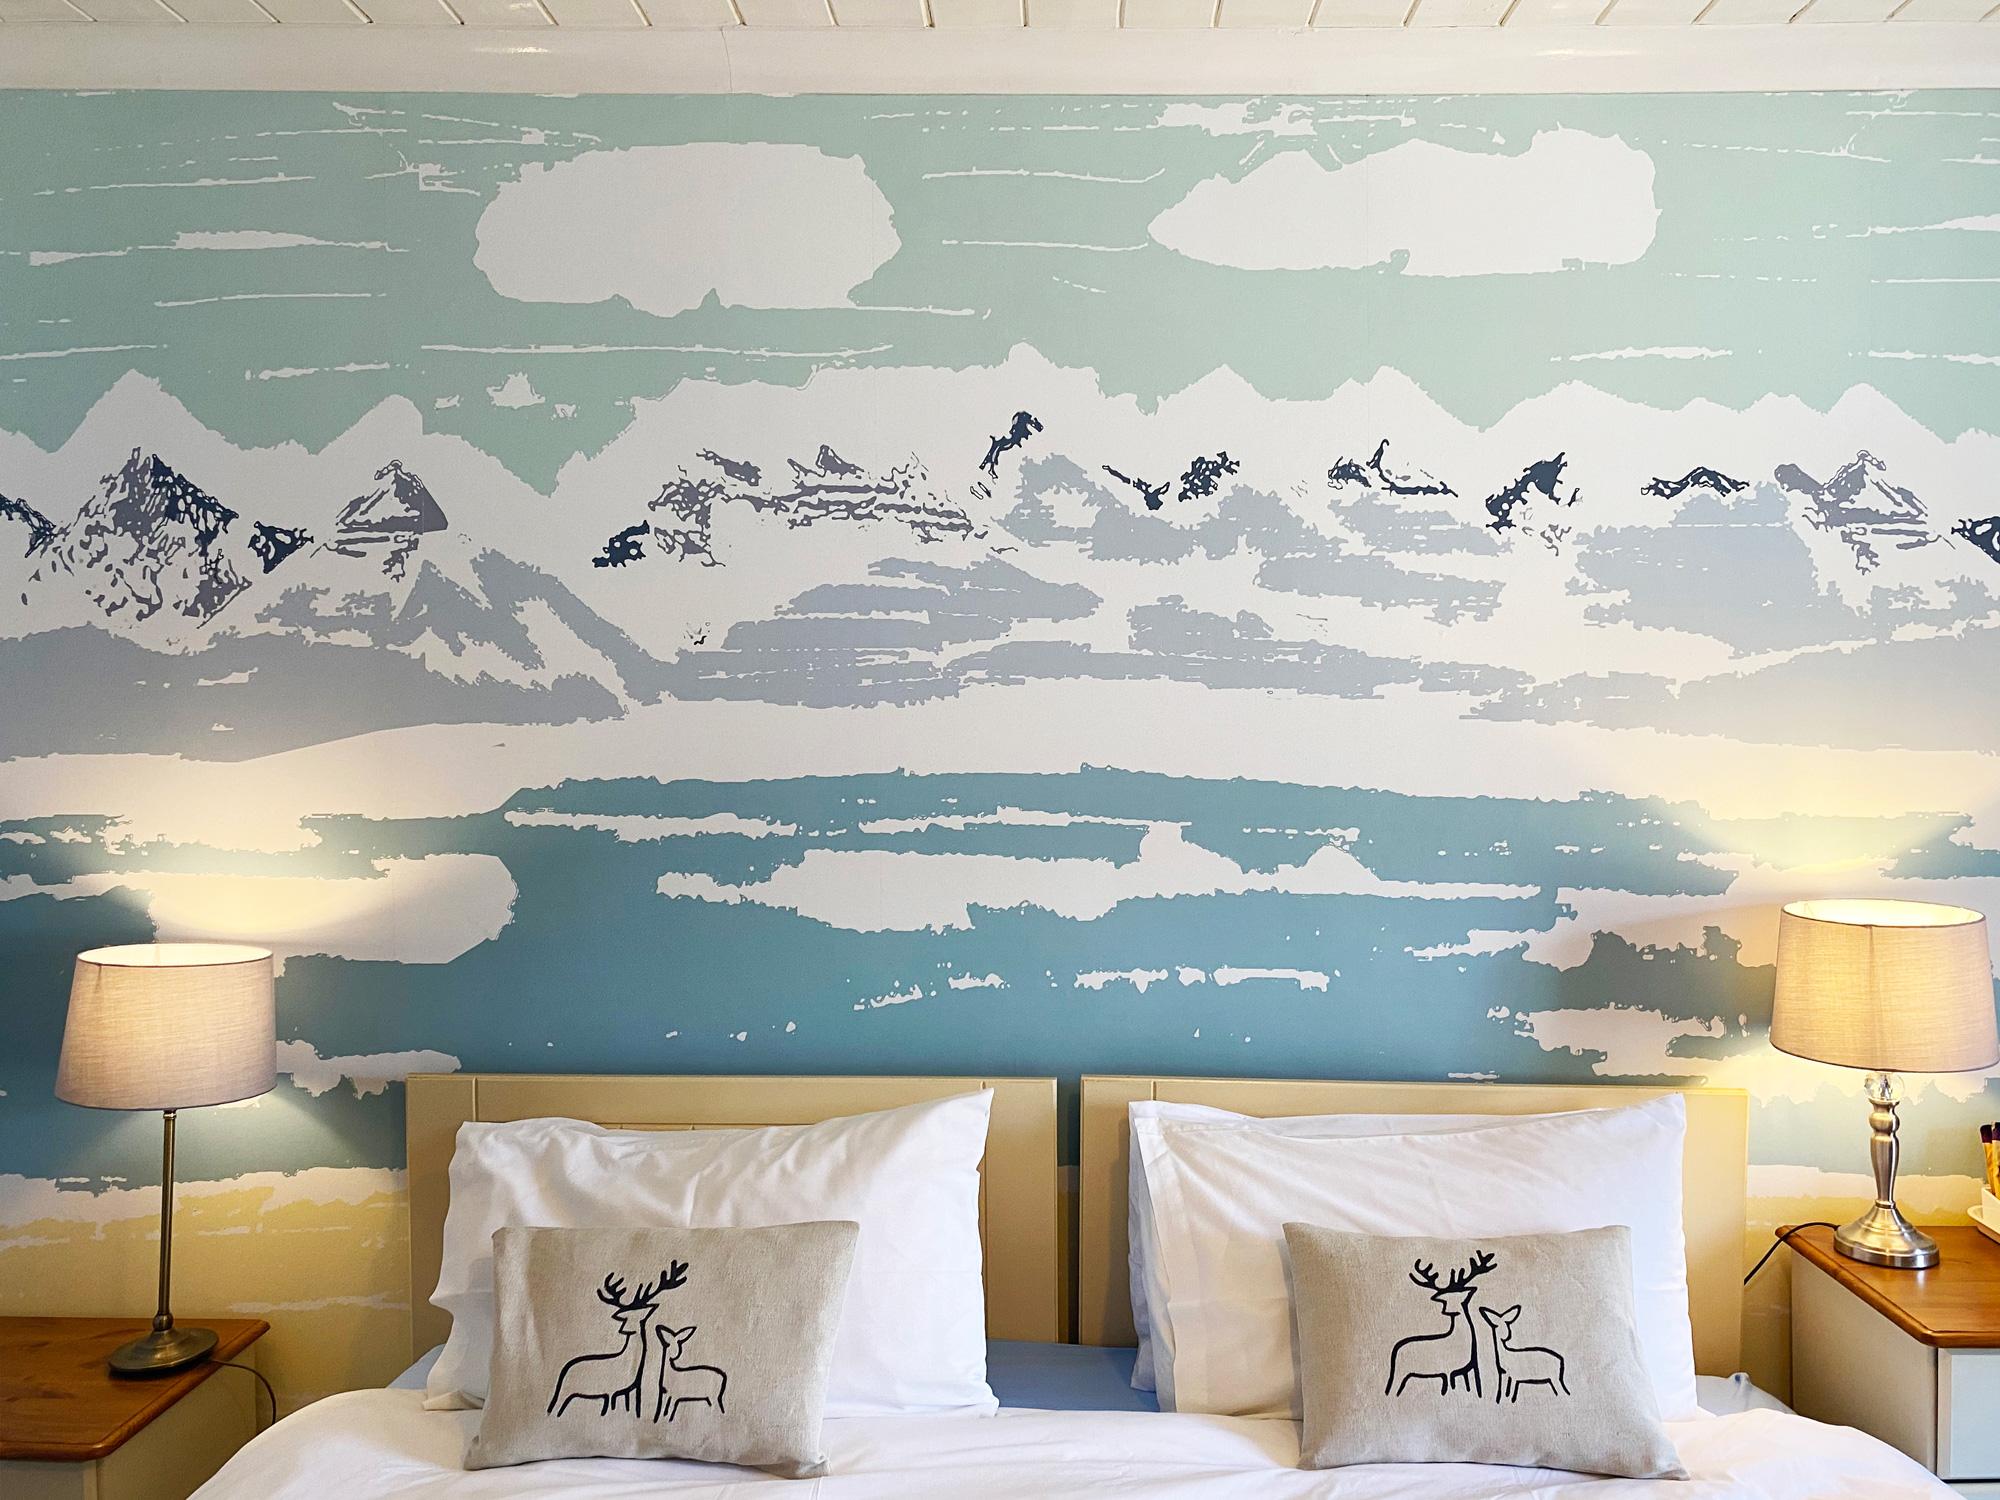 Applecross Bay Mural wallpaper Hand-printed Deer Cushions at Applecross Inn by Clement Design